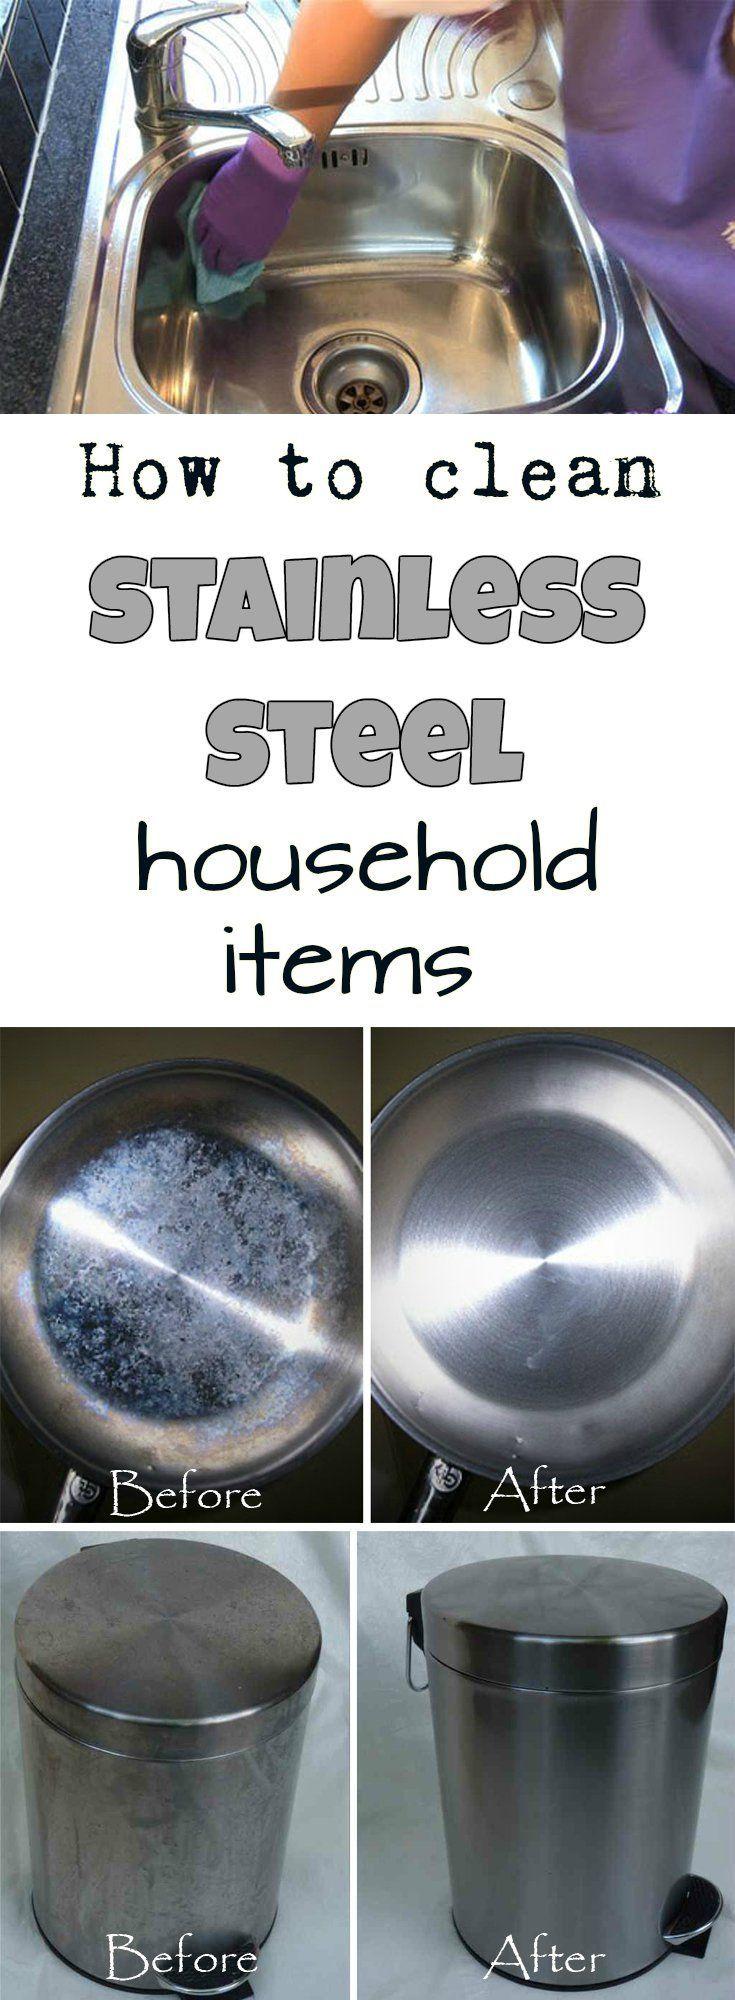 Você pode usar uma solução de bicarbonato de sódio e água morna, ou água com detergente não abrasivo.depois passe azeite de oliva.